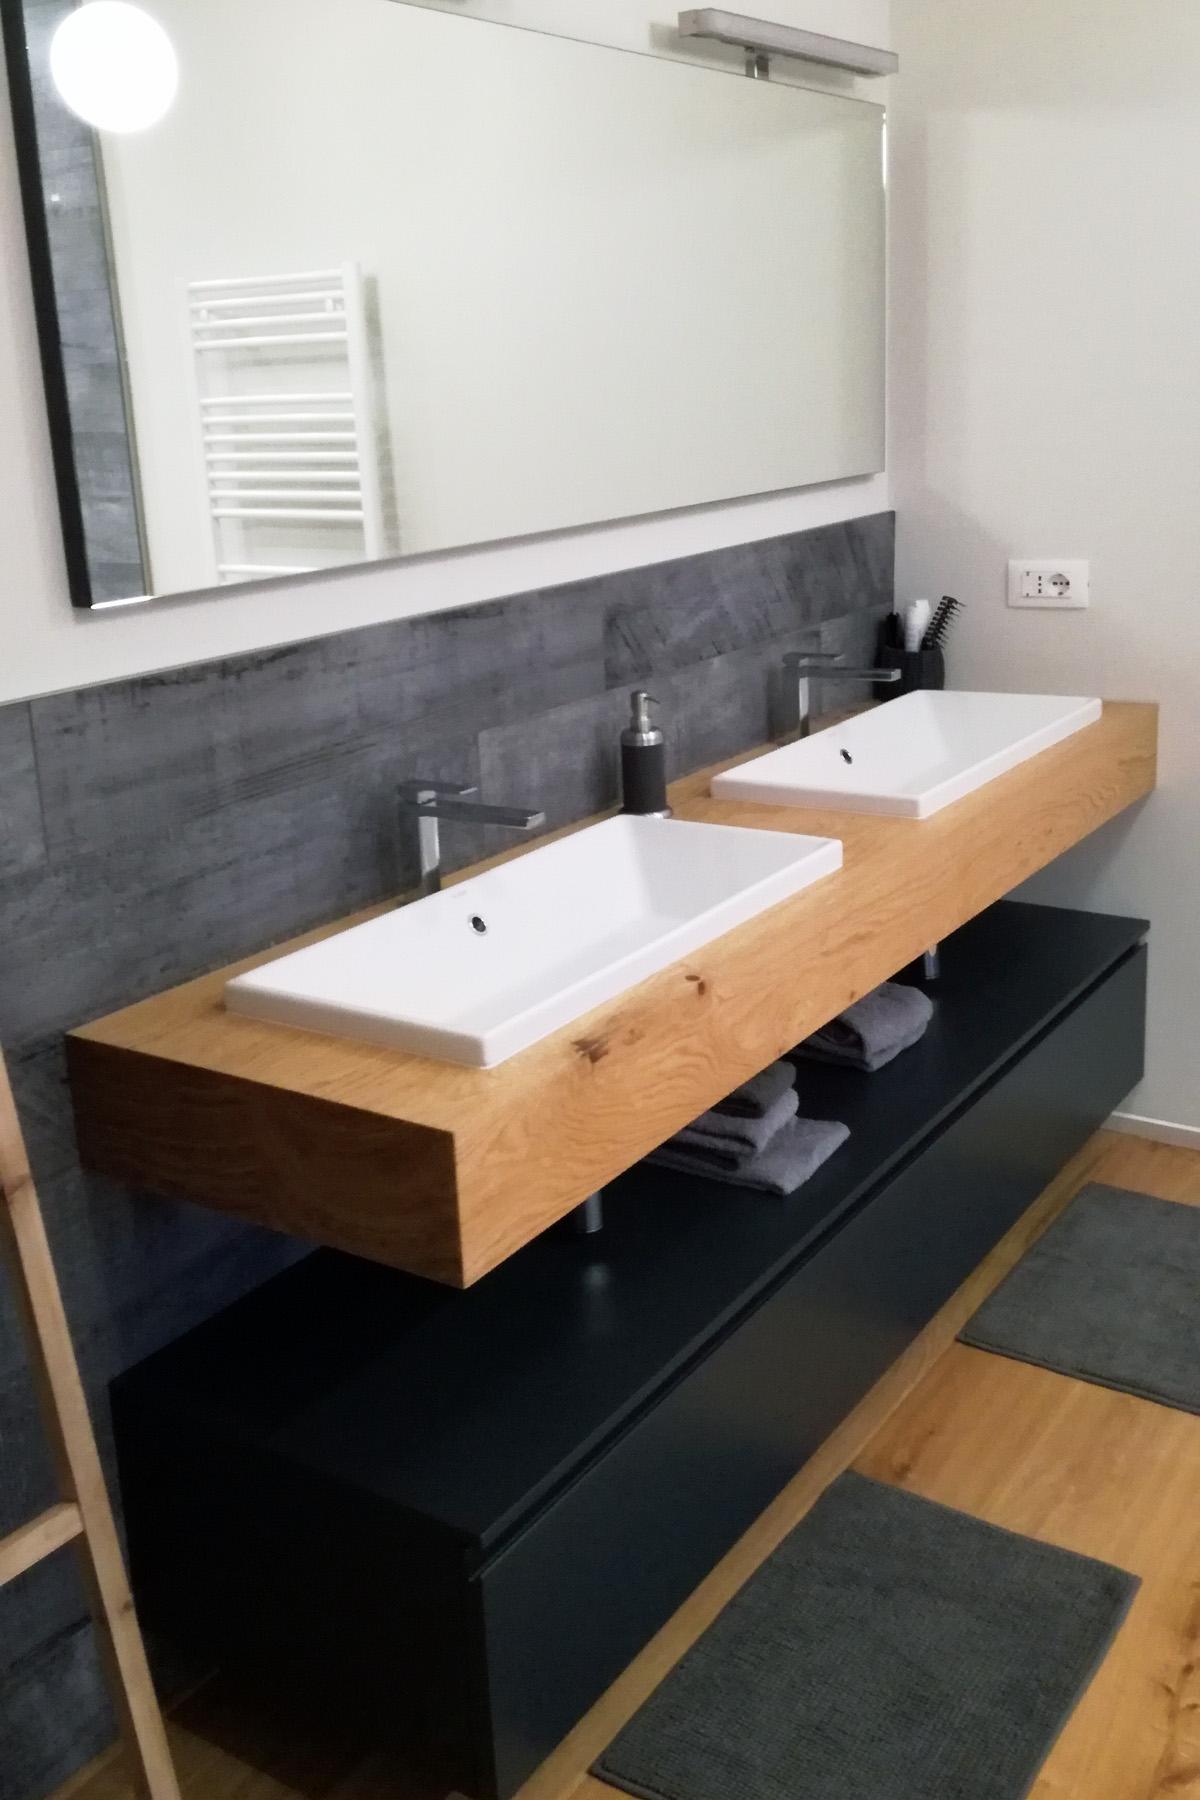 Mobile Bagno con Mensola in Legno Doppio Lavabo | Arredamenti Barin